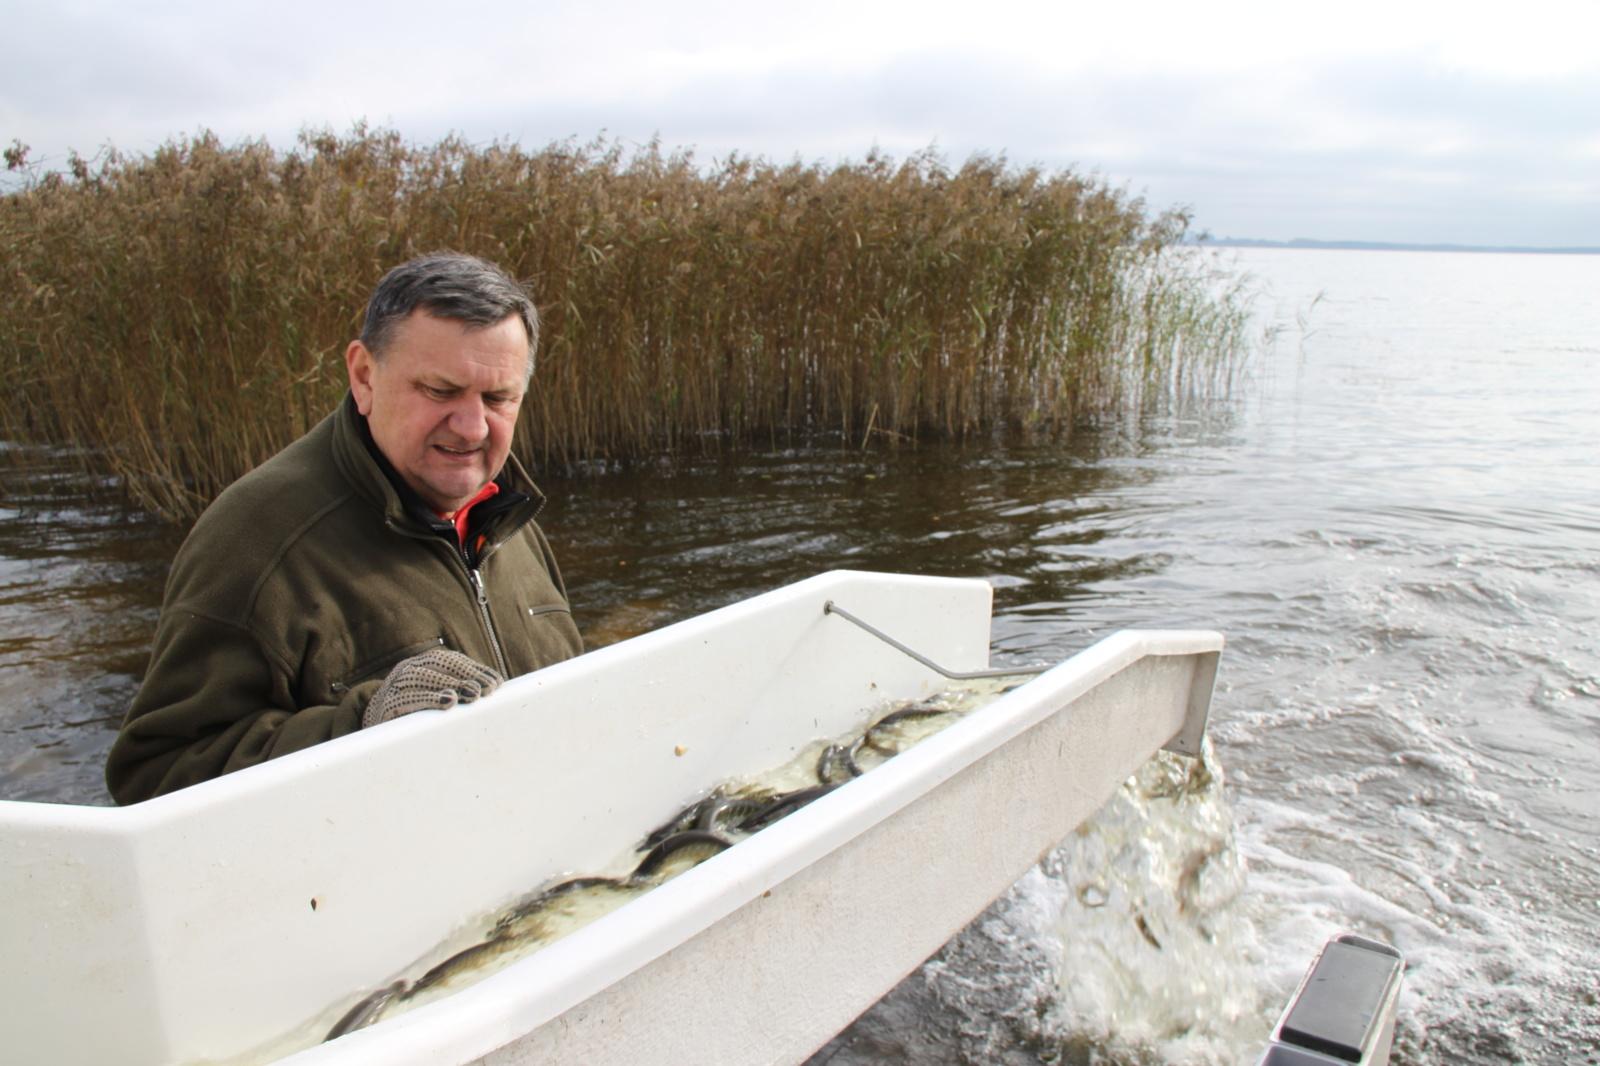 Įžuvintas didžiausias Šiaulių apskrities ežeras